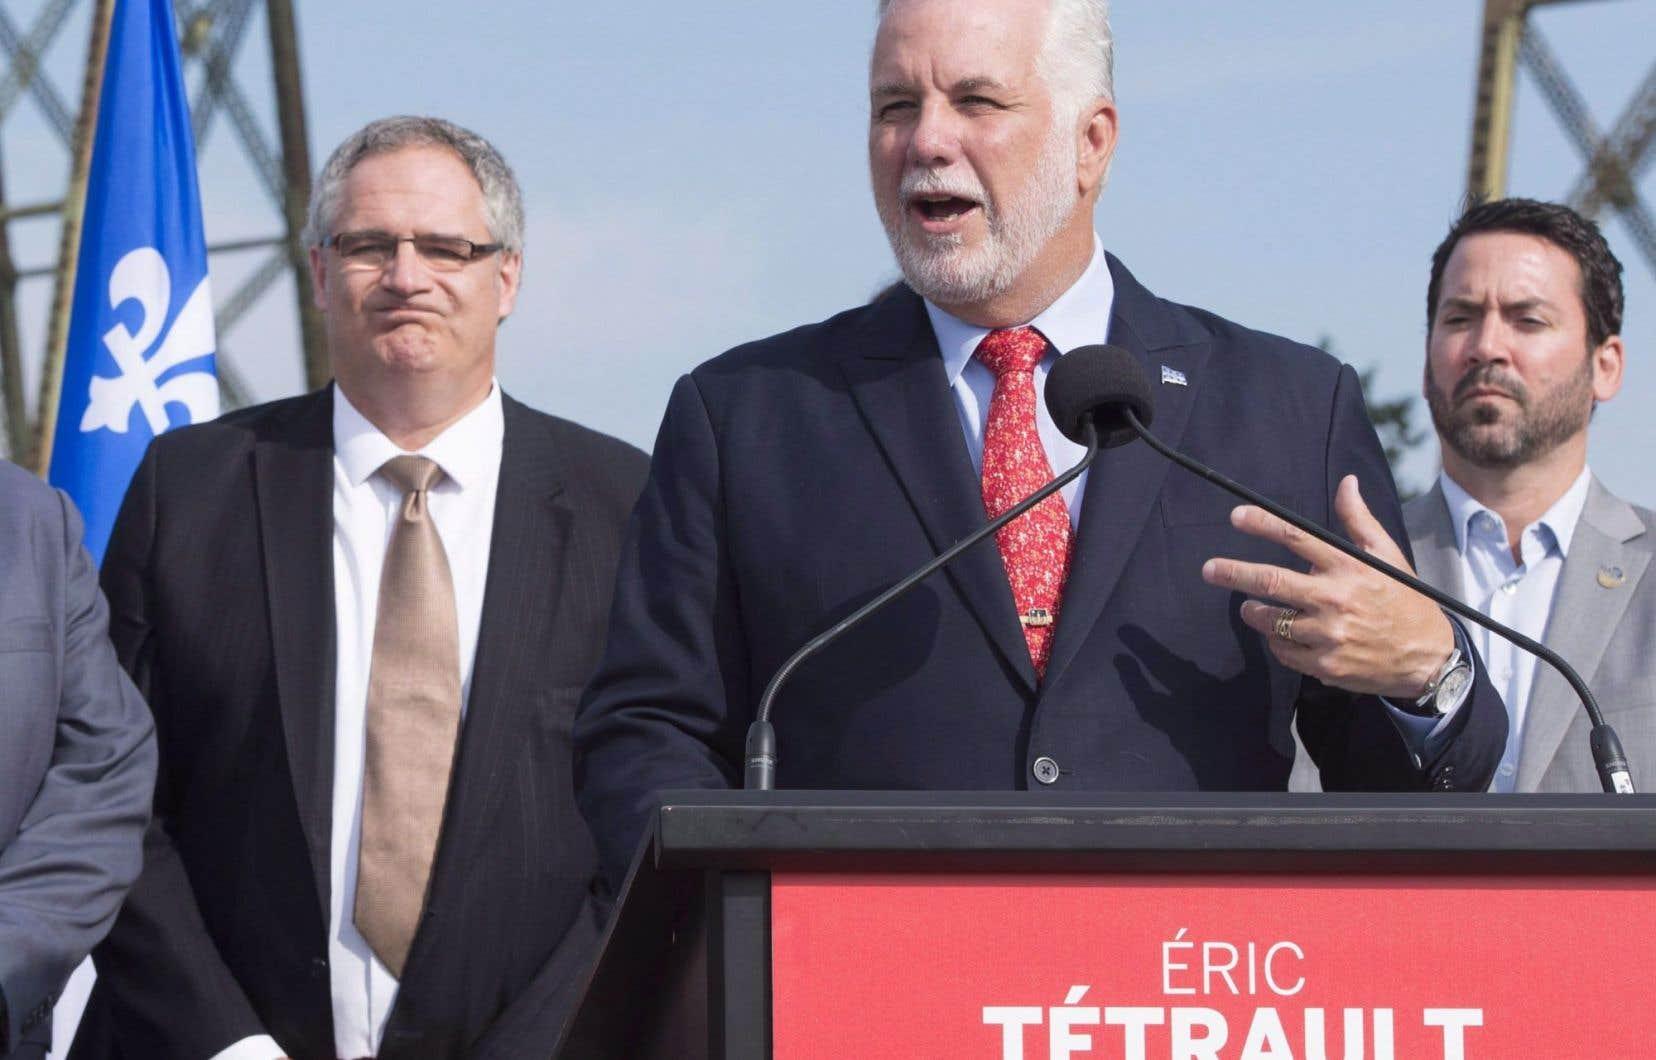 L'ancien président de Manufacturiers et exportateurs du Québec, Éric Tétrault, qu'on voit ici aux côtés de Philippe Couillard, est le candidat du PLQ dans Louis-Hébert.